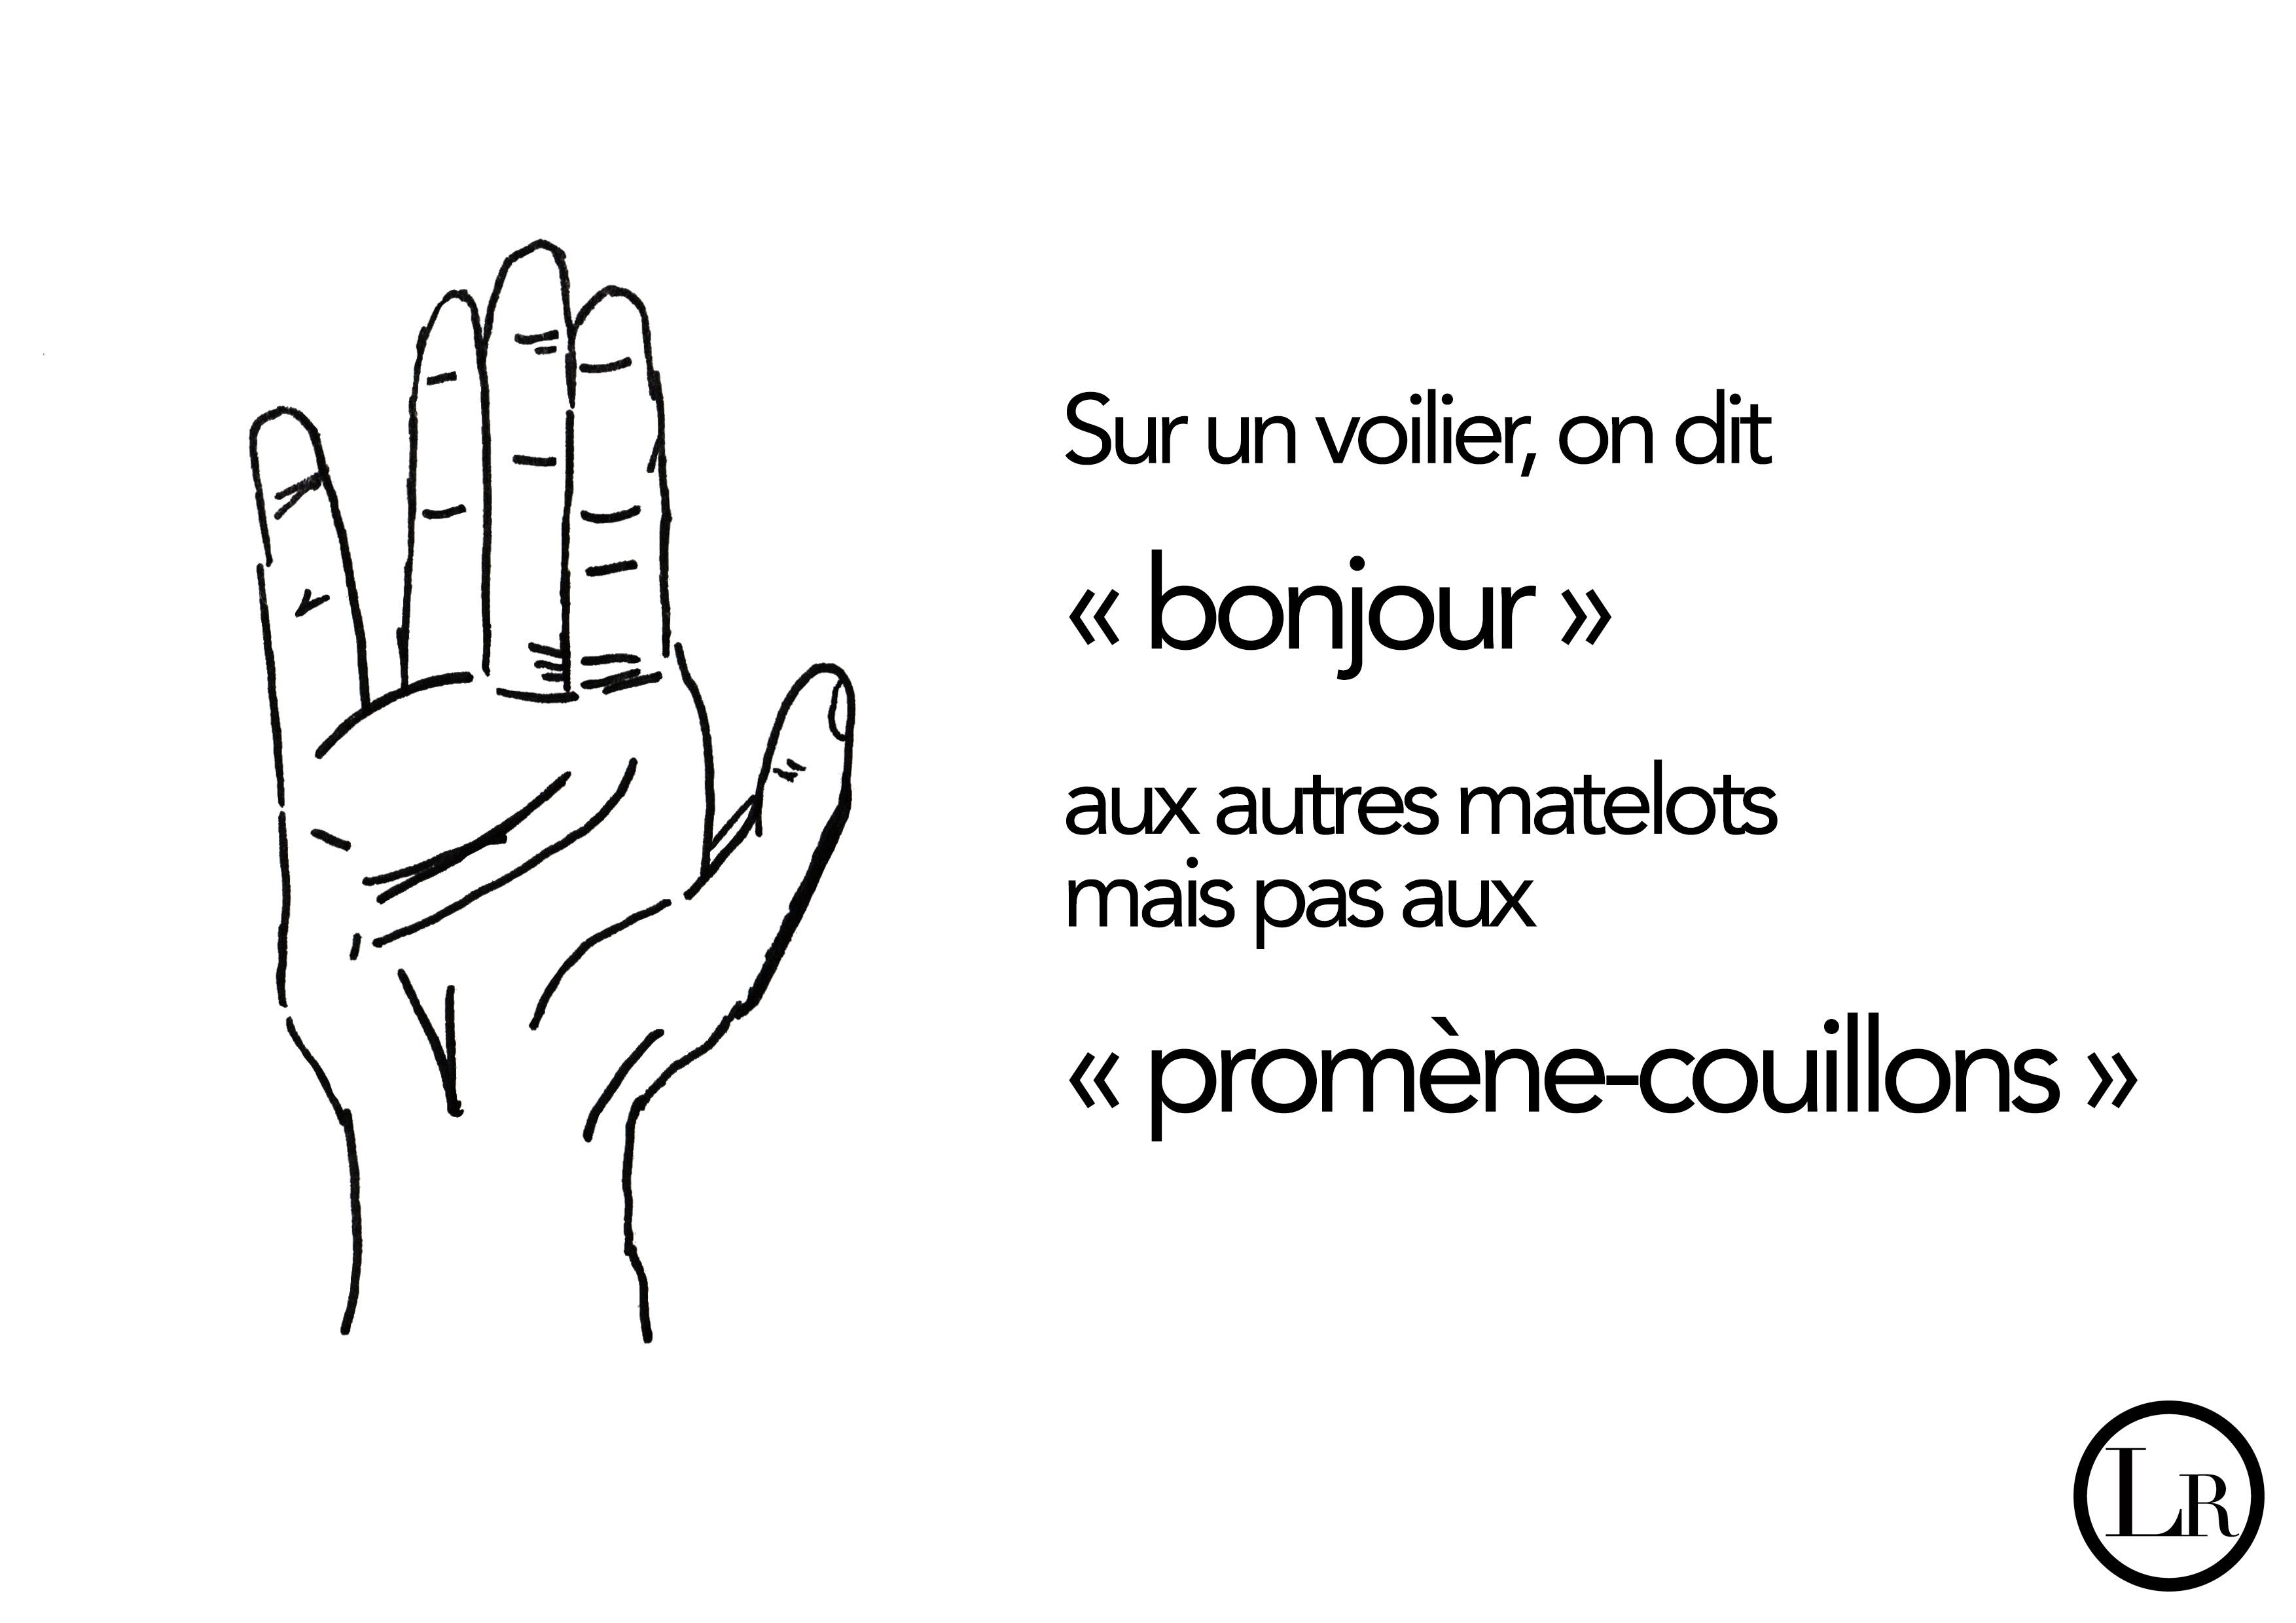 promene-couillons(1).jpg